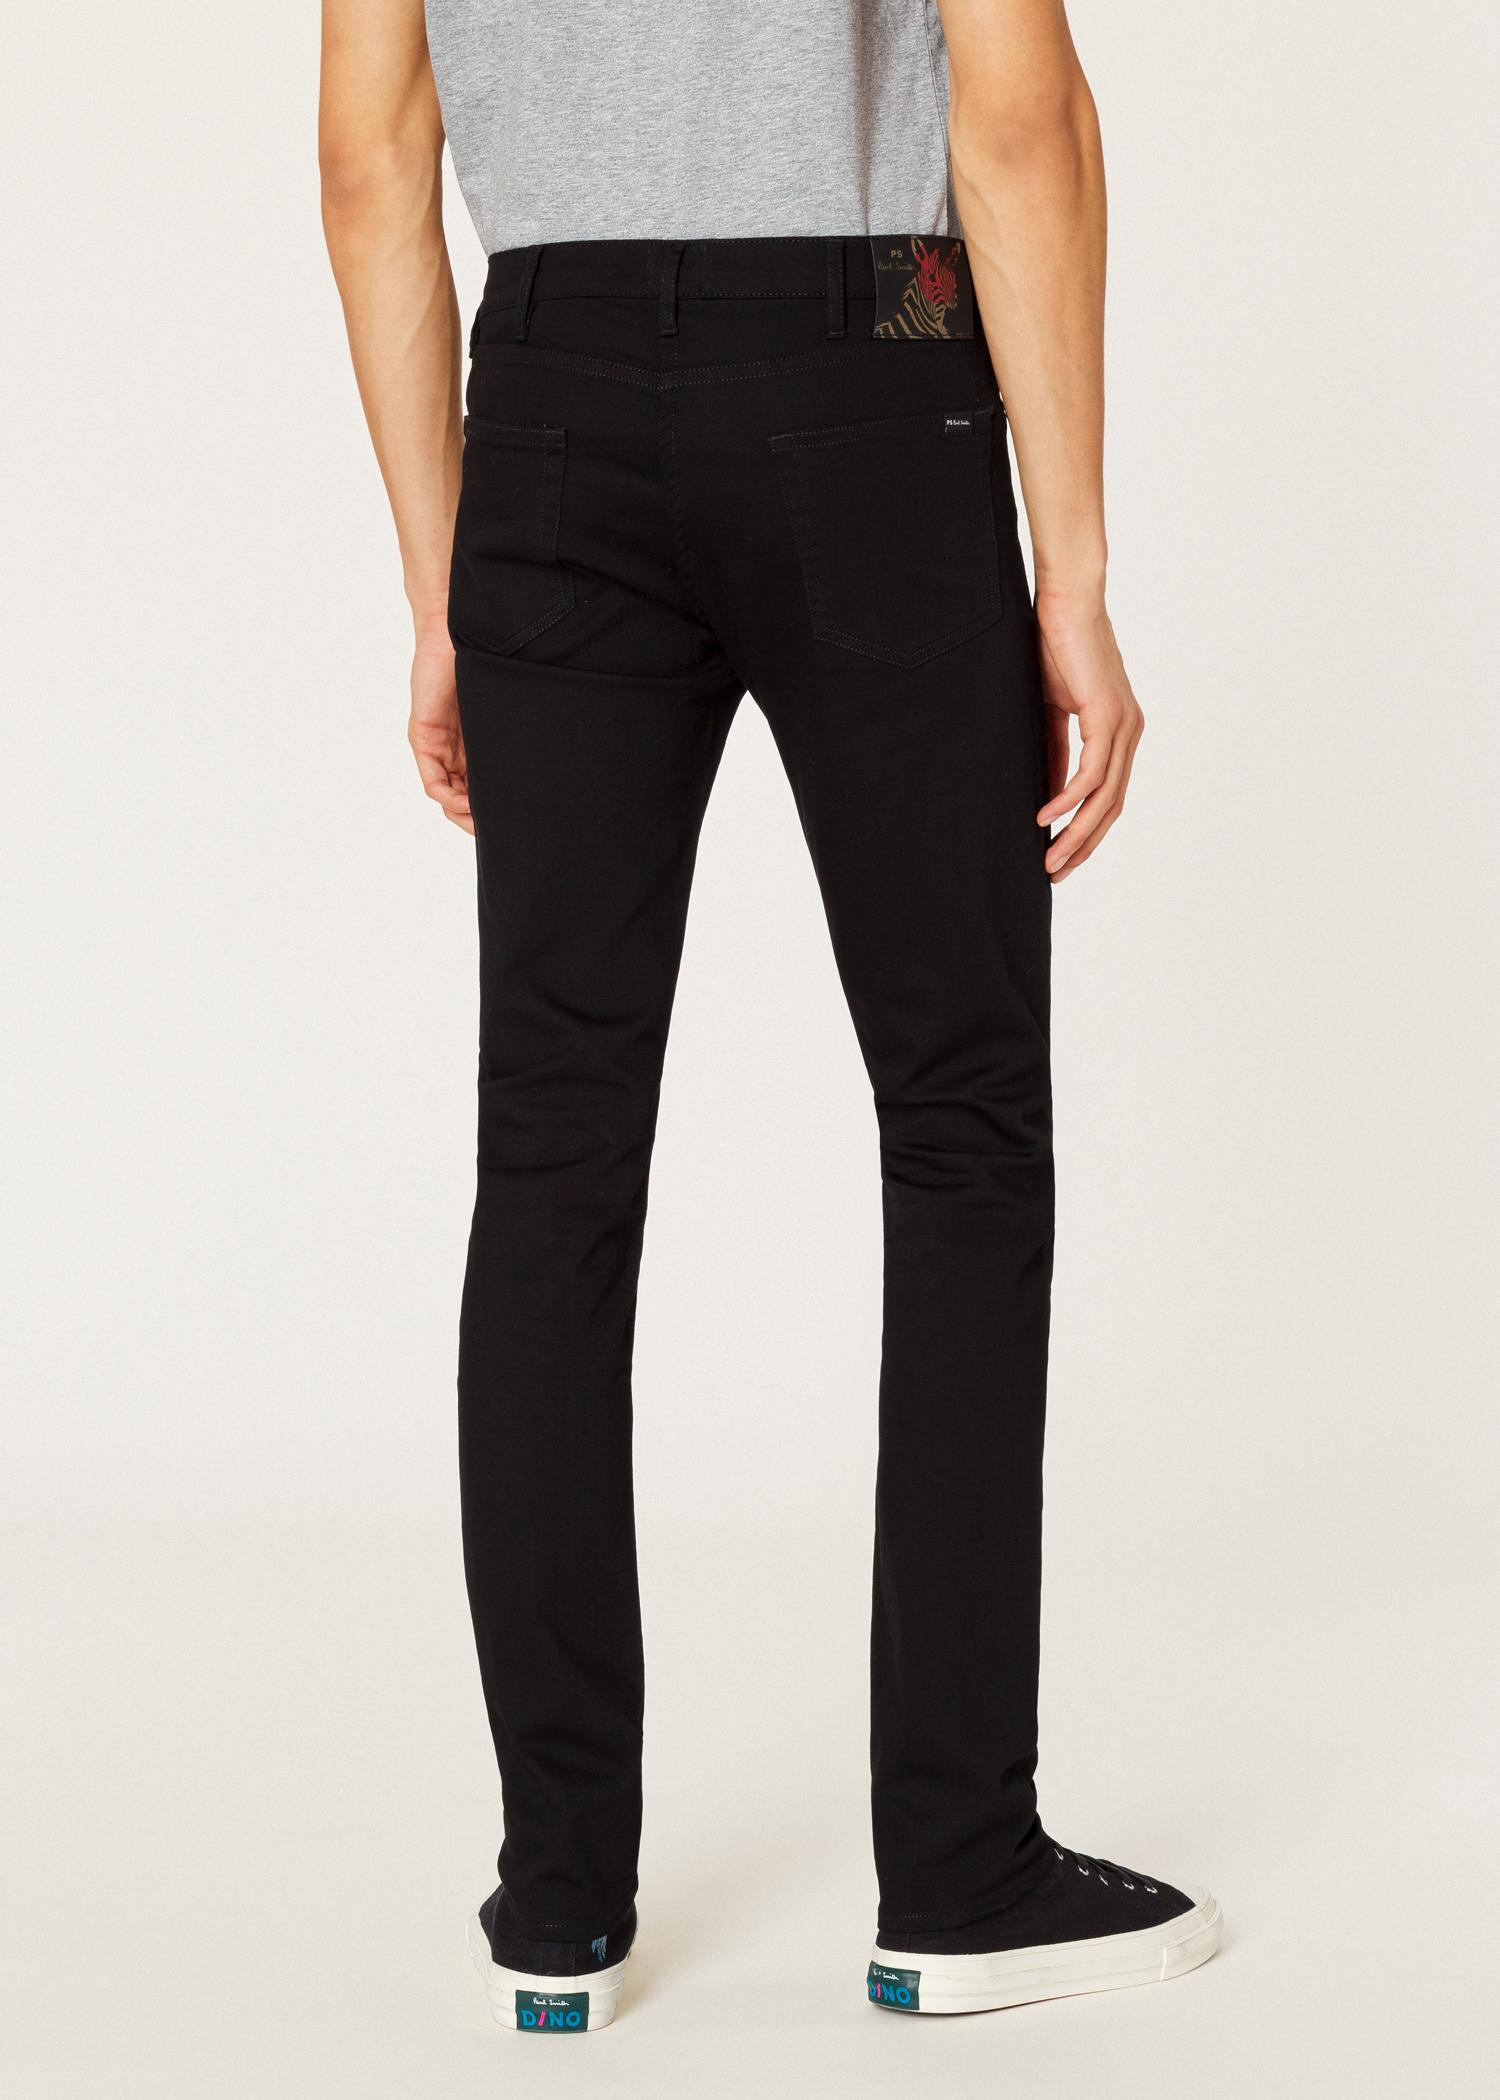 'black Denim Jeans Asia Smith Fit Stretch' Men's Skinny Paul qI8xwnpX